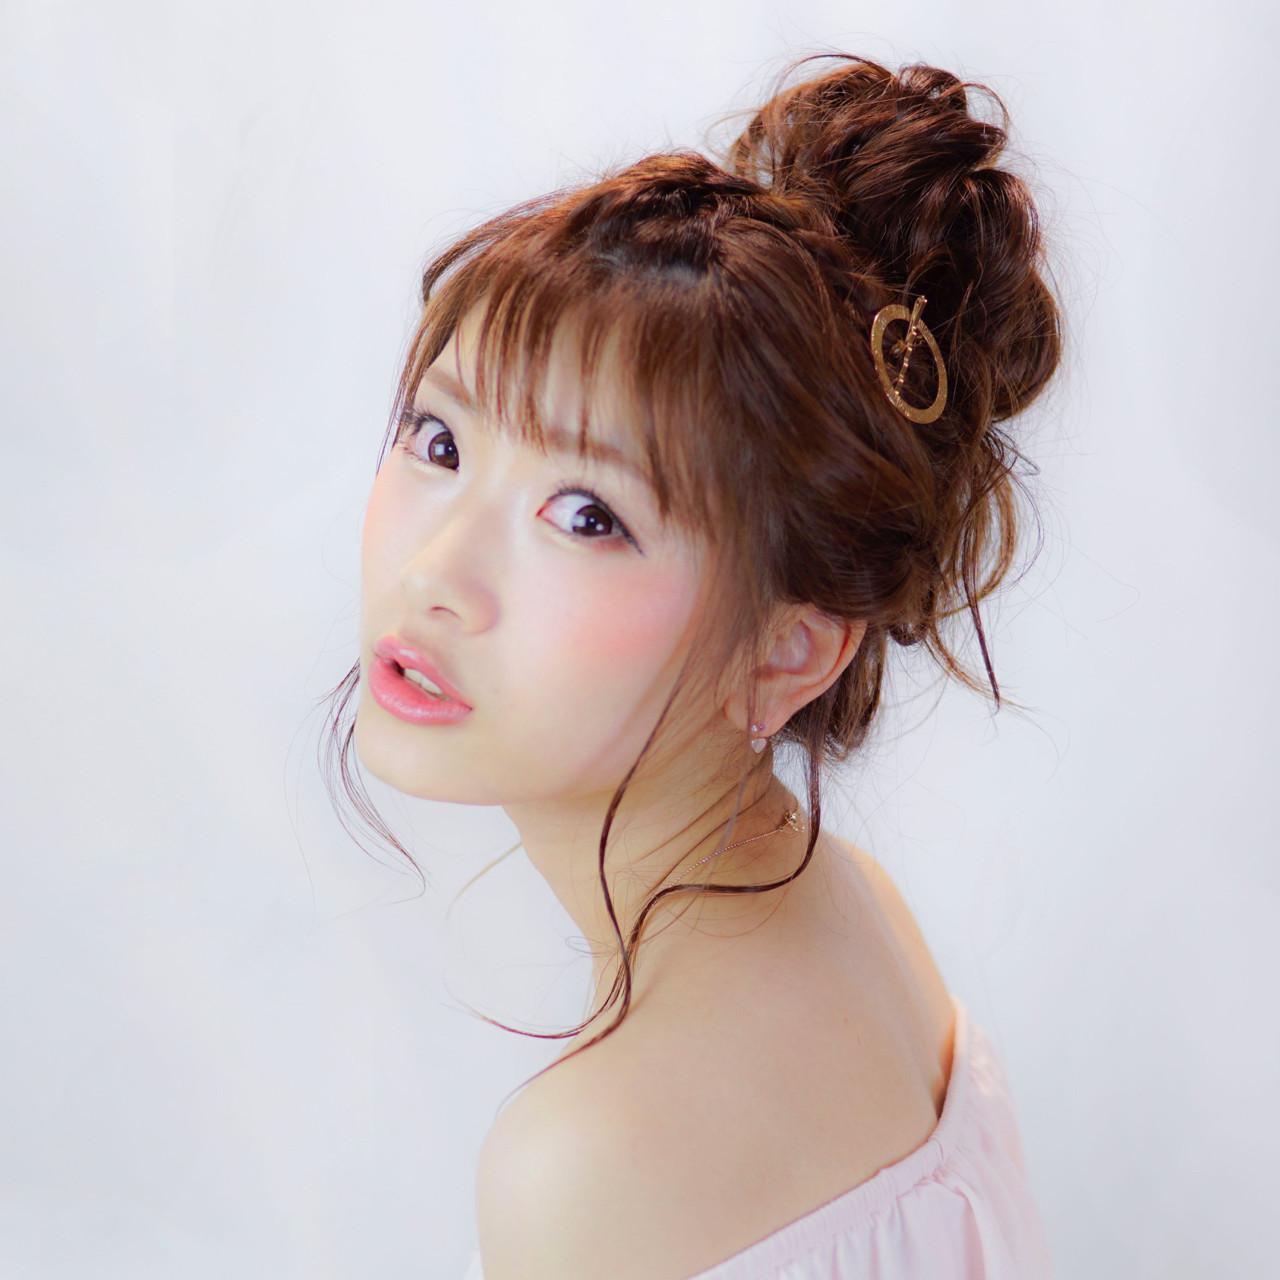 セミロング 簡単ヘアアレンジ 夏 ショート ヘアスタイルや髪型の写真・画像